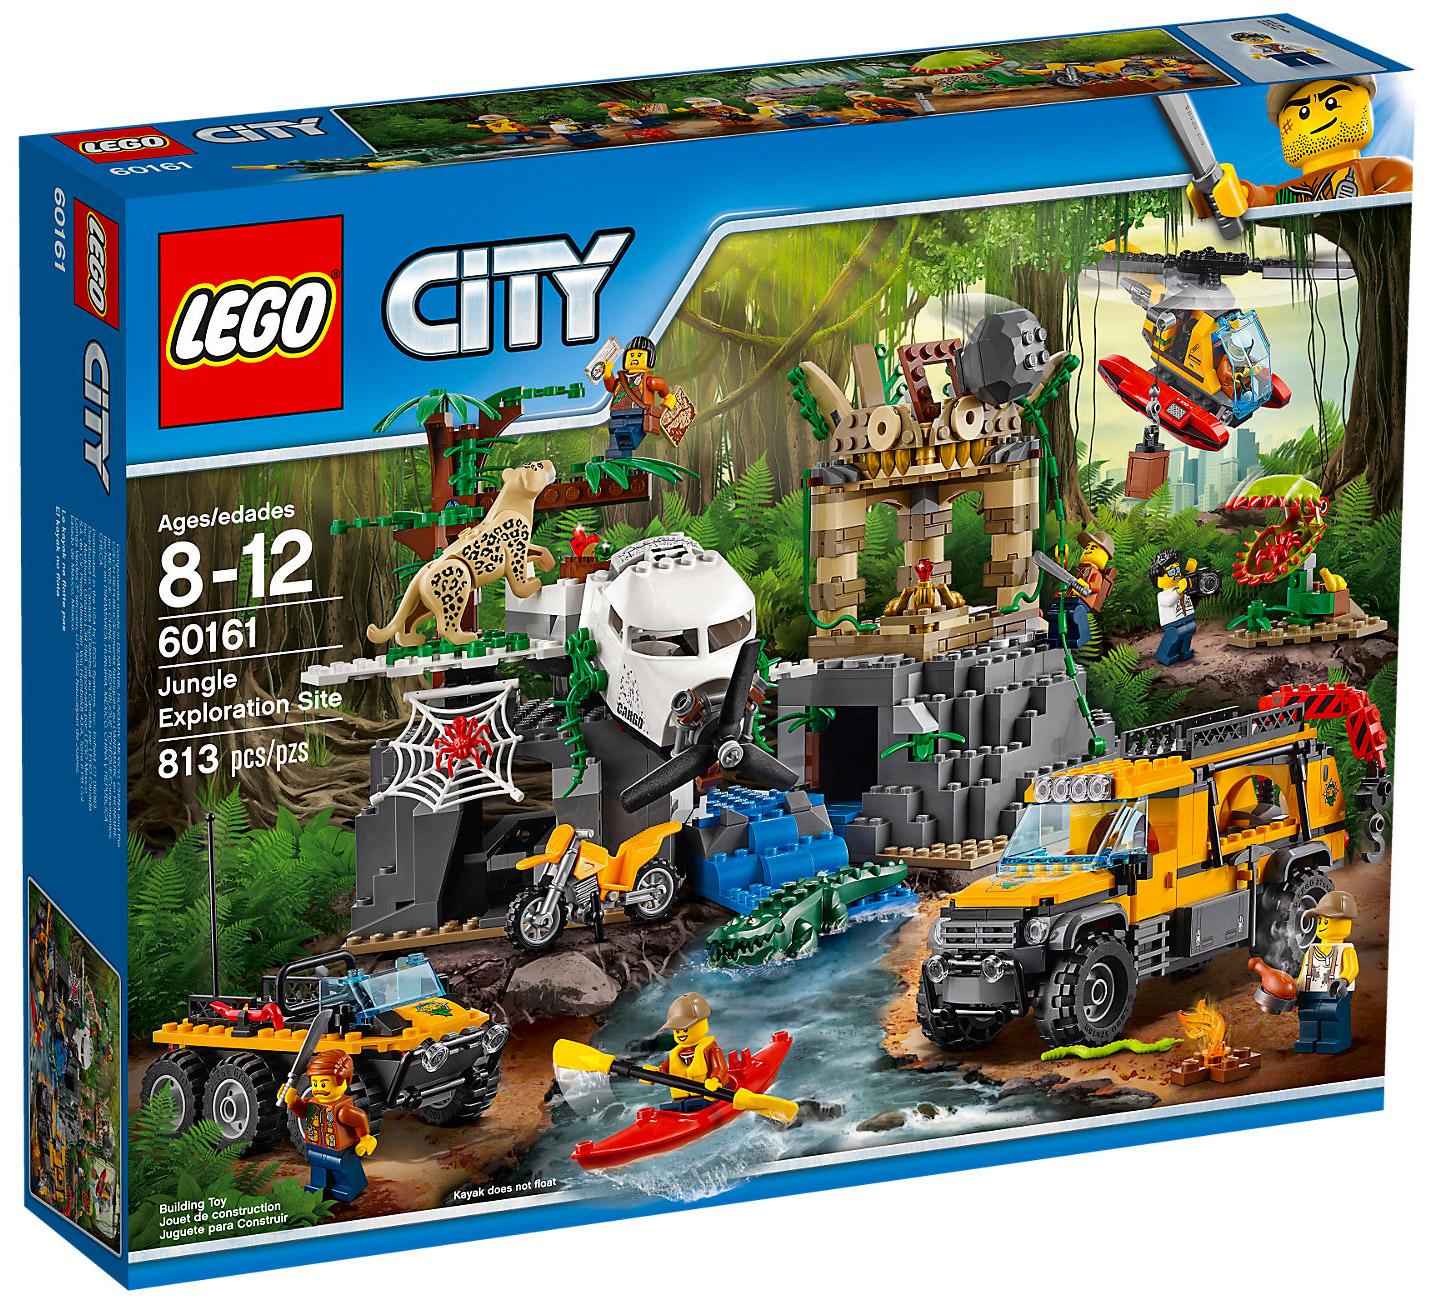 Lego city 60161 pas cher le site d 39 exploration de la jungle - Le site le moins cher ...